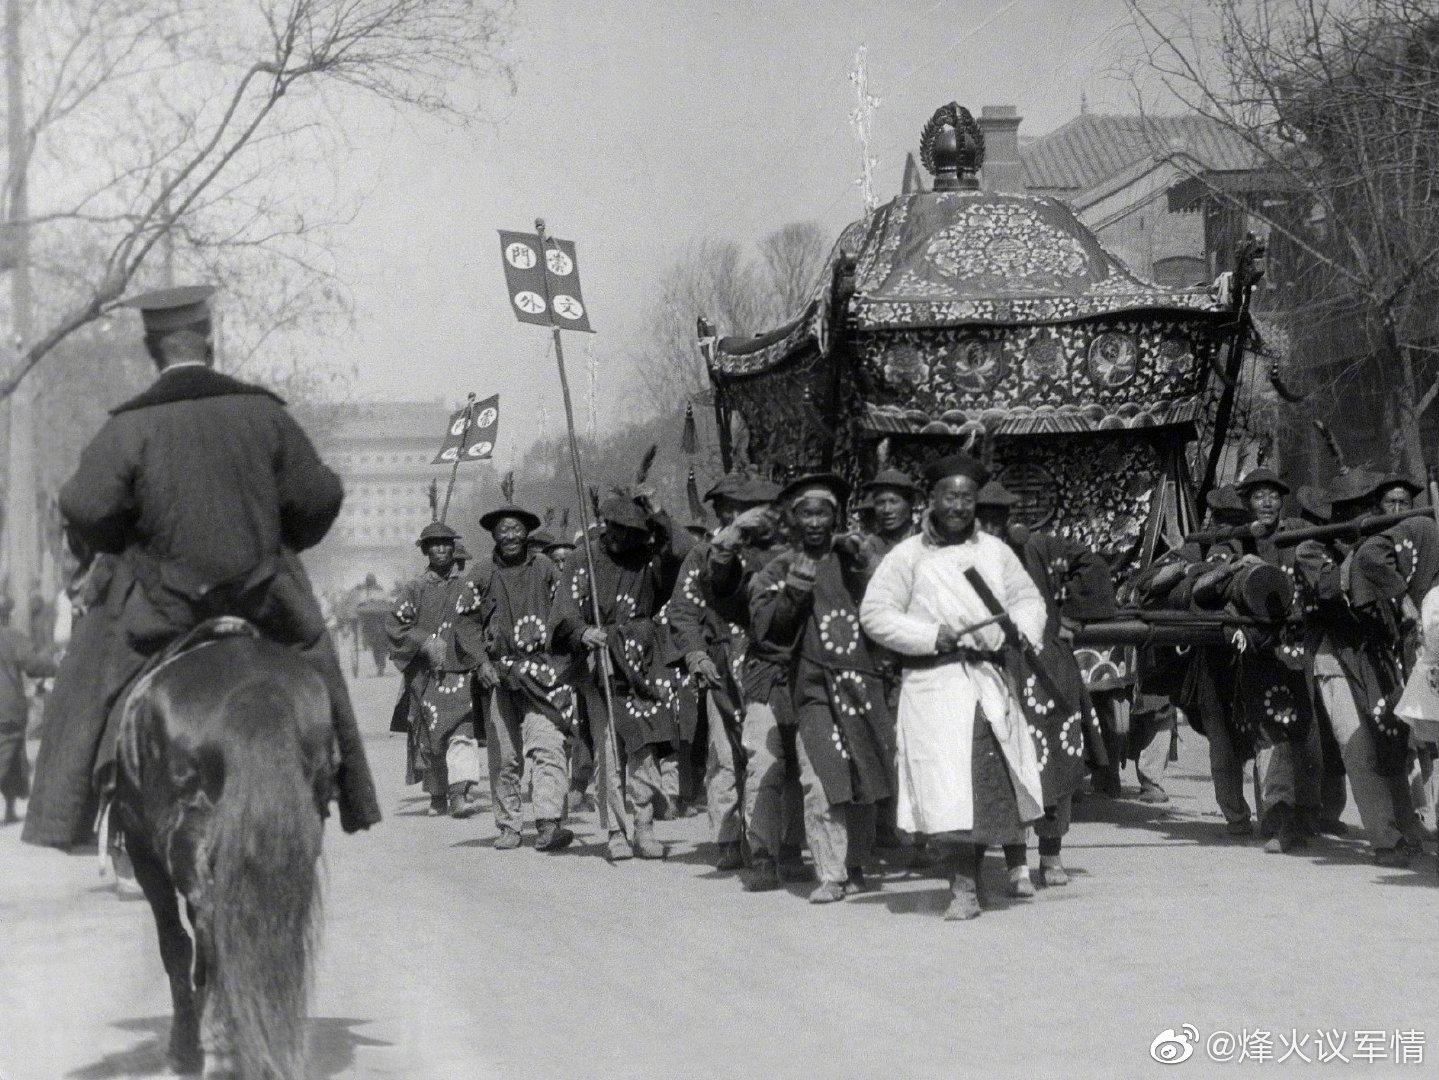 1928-1935年,奥地利摄影师海因茨·冯·佩克哈默在中国拍摄的老照片。